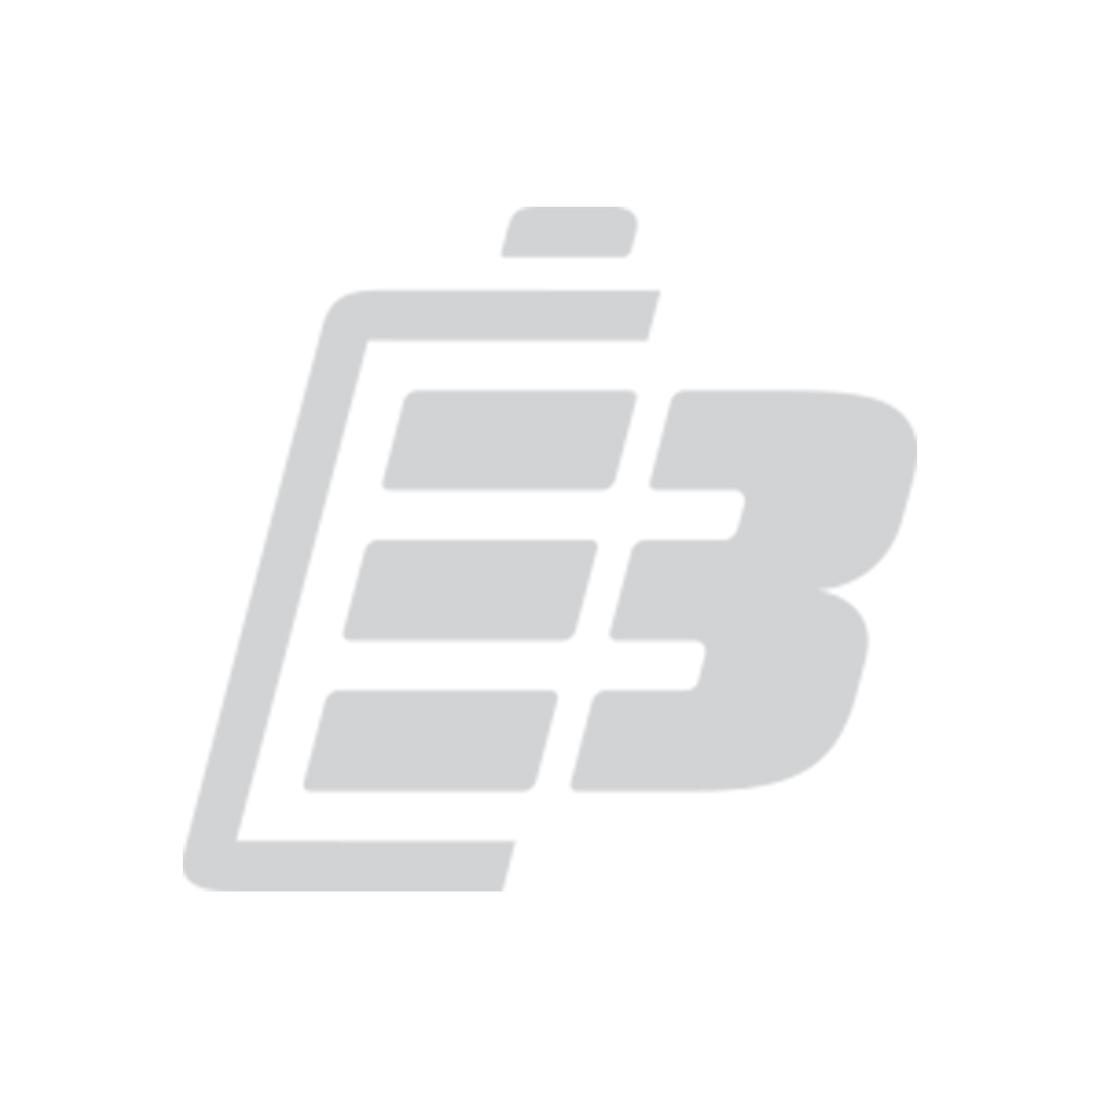 Wireless mouse battery Razer Mamba_1